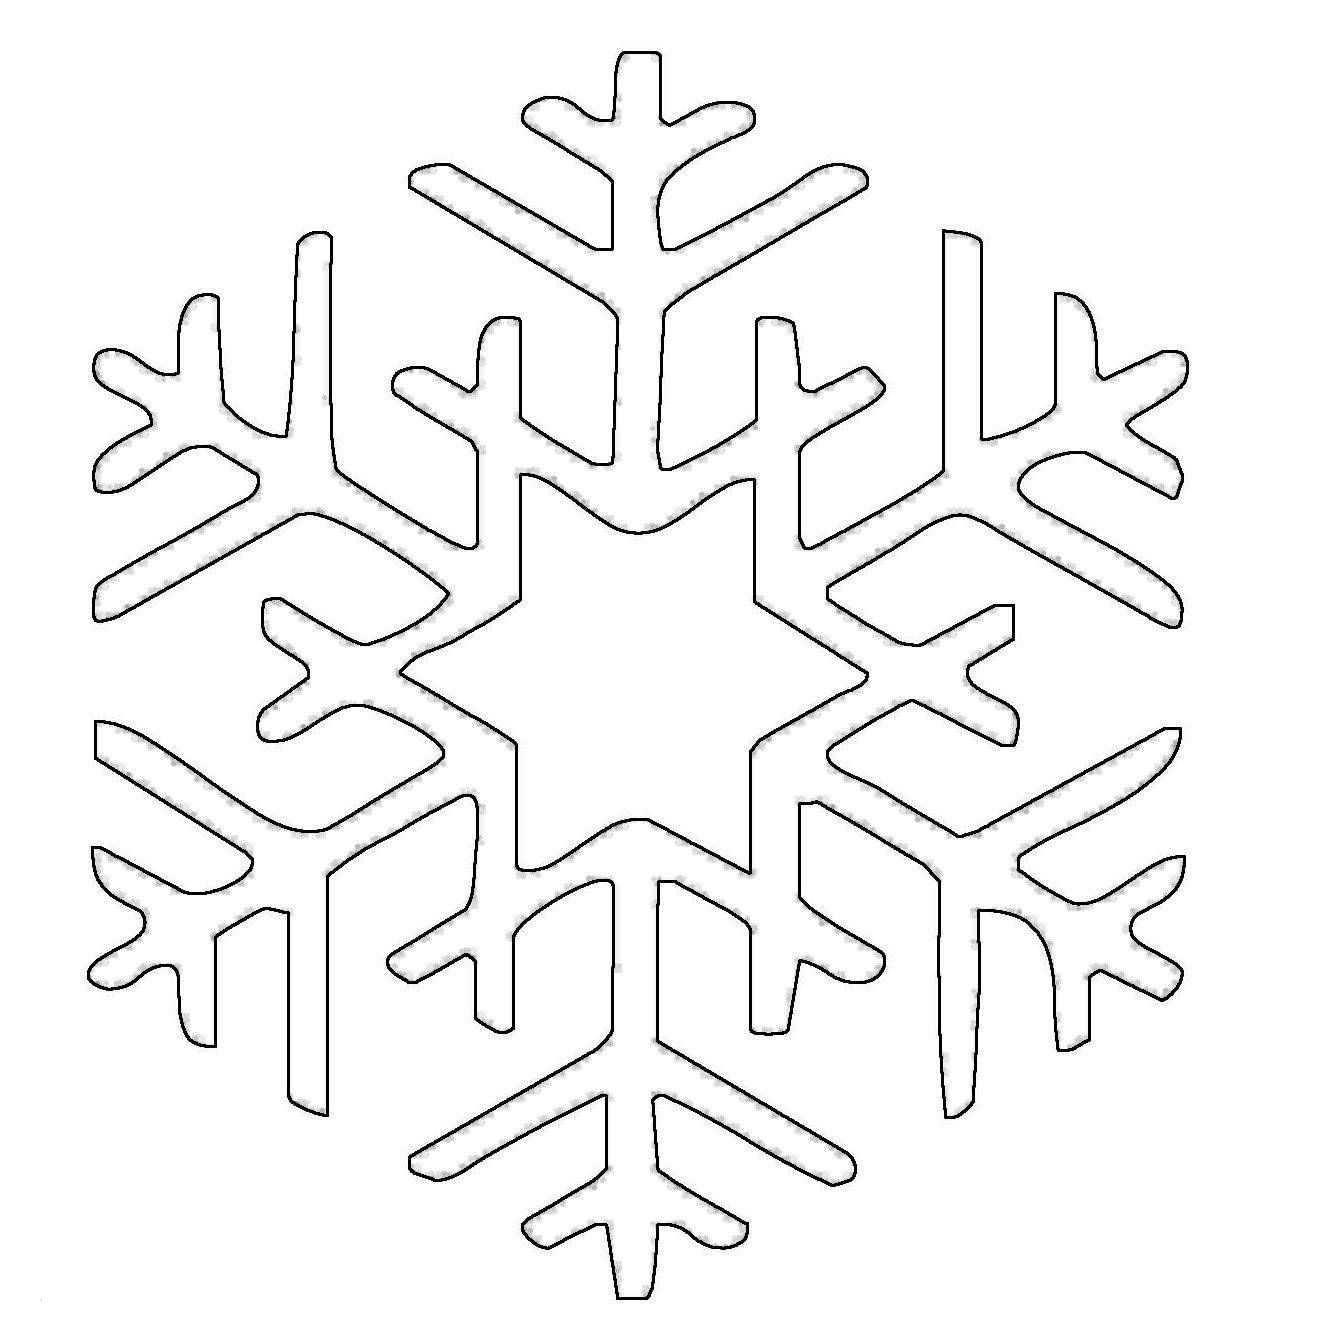 Ausmalbilder Schneeflocken Frisch Ausmalbild Schneeflocken Und Sterne Kostenlose Mal Schneeflocke Schablone Schneeflocken Basteln Vorlage Schneeflocken Basteln